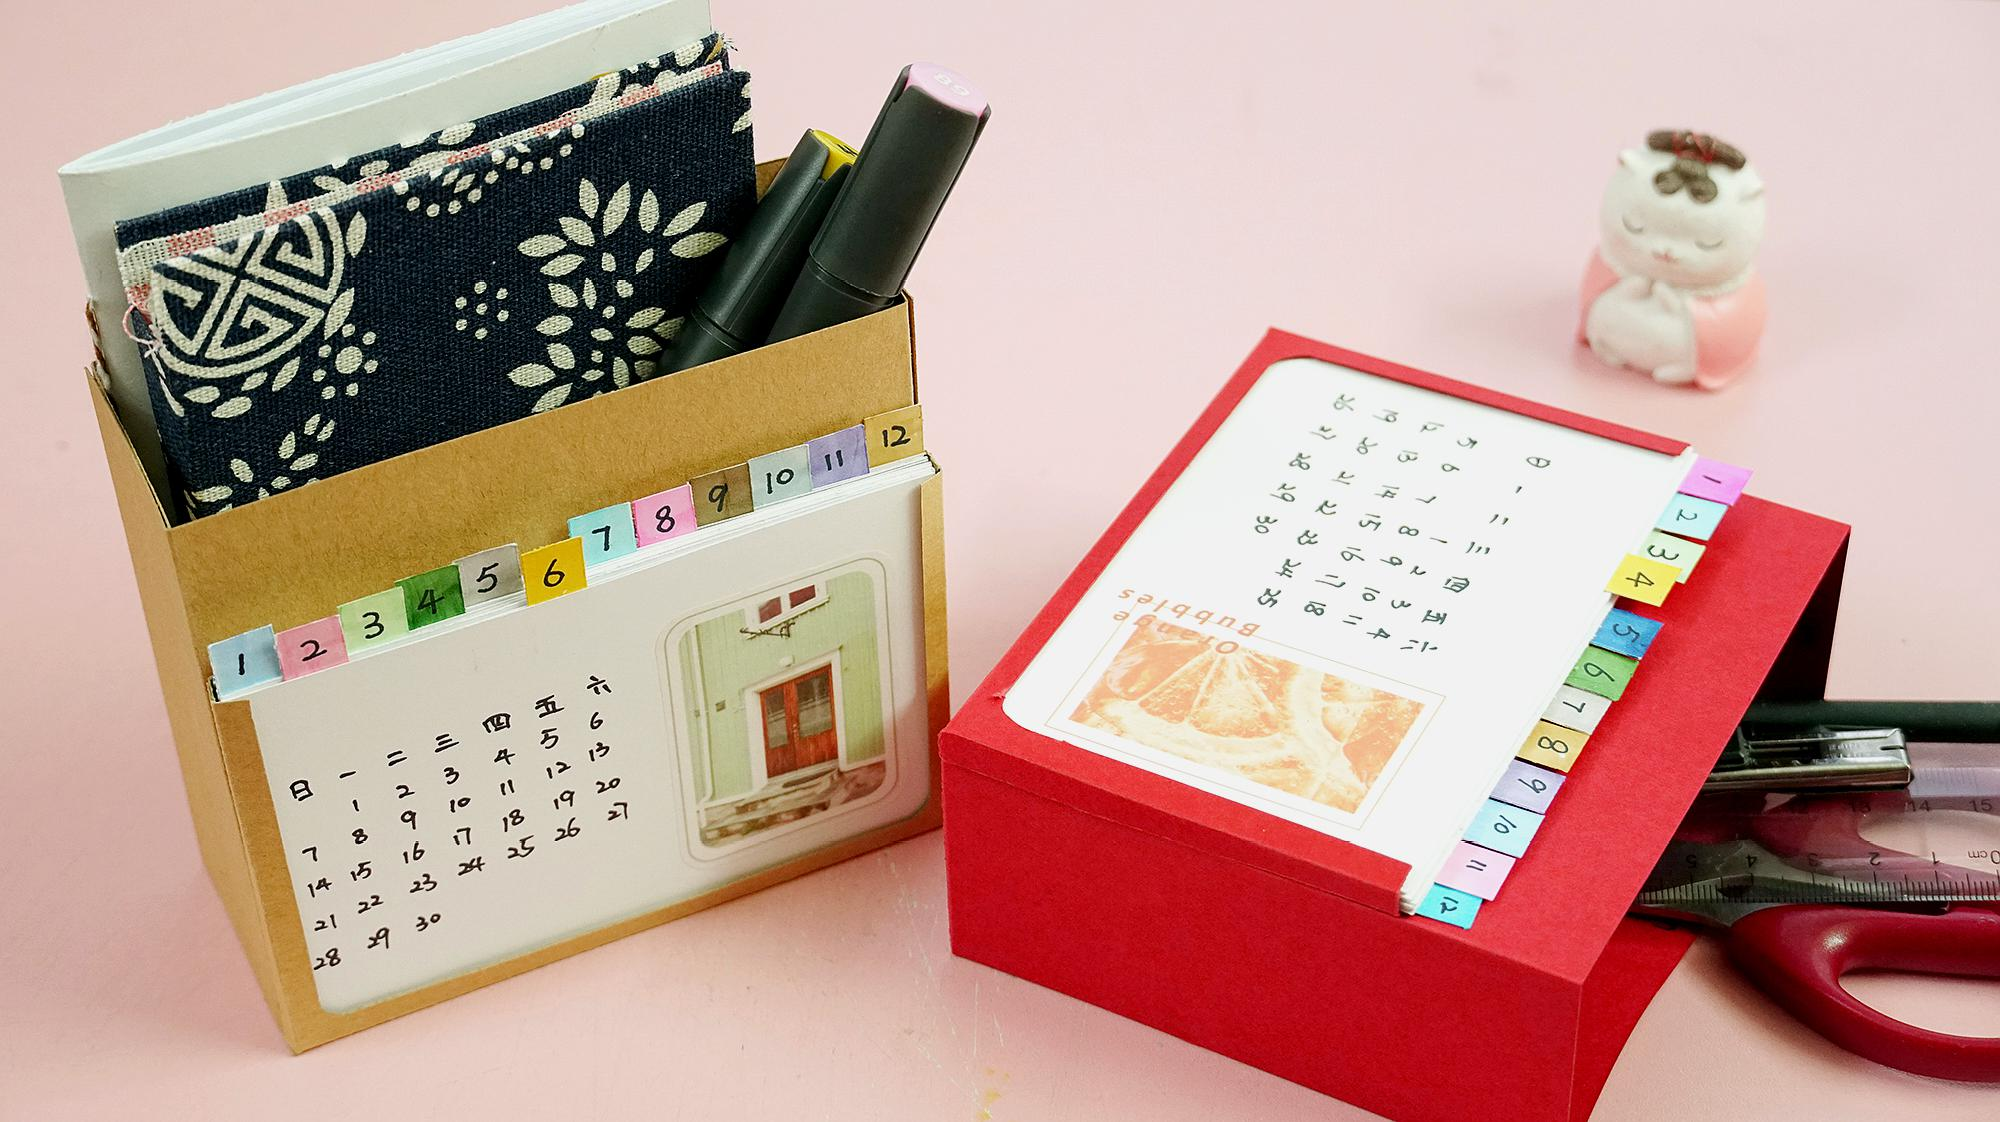 自制2020年的台历,还能当作收纳盒,简单实用又好看!图片